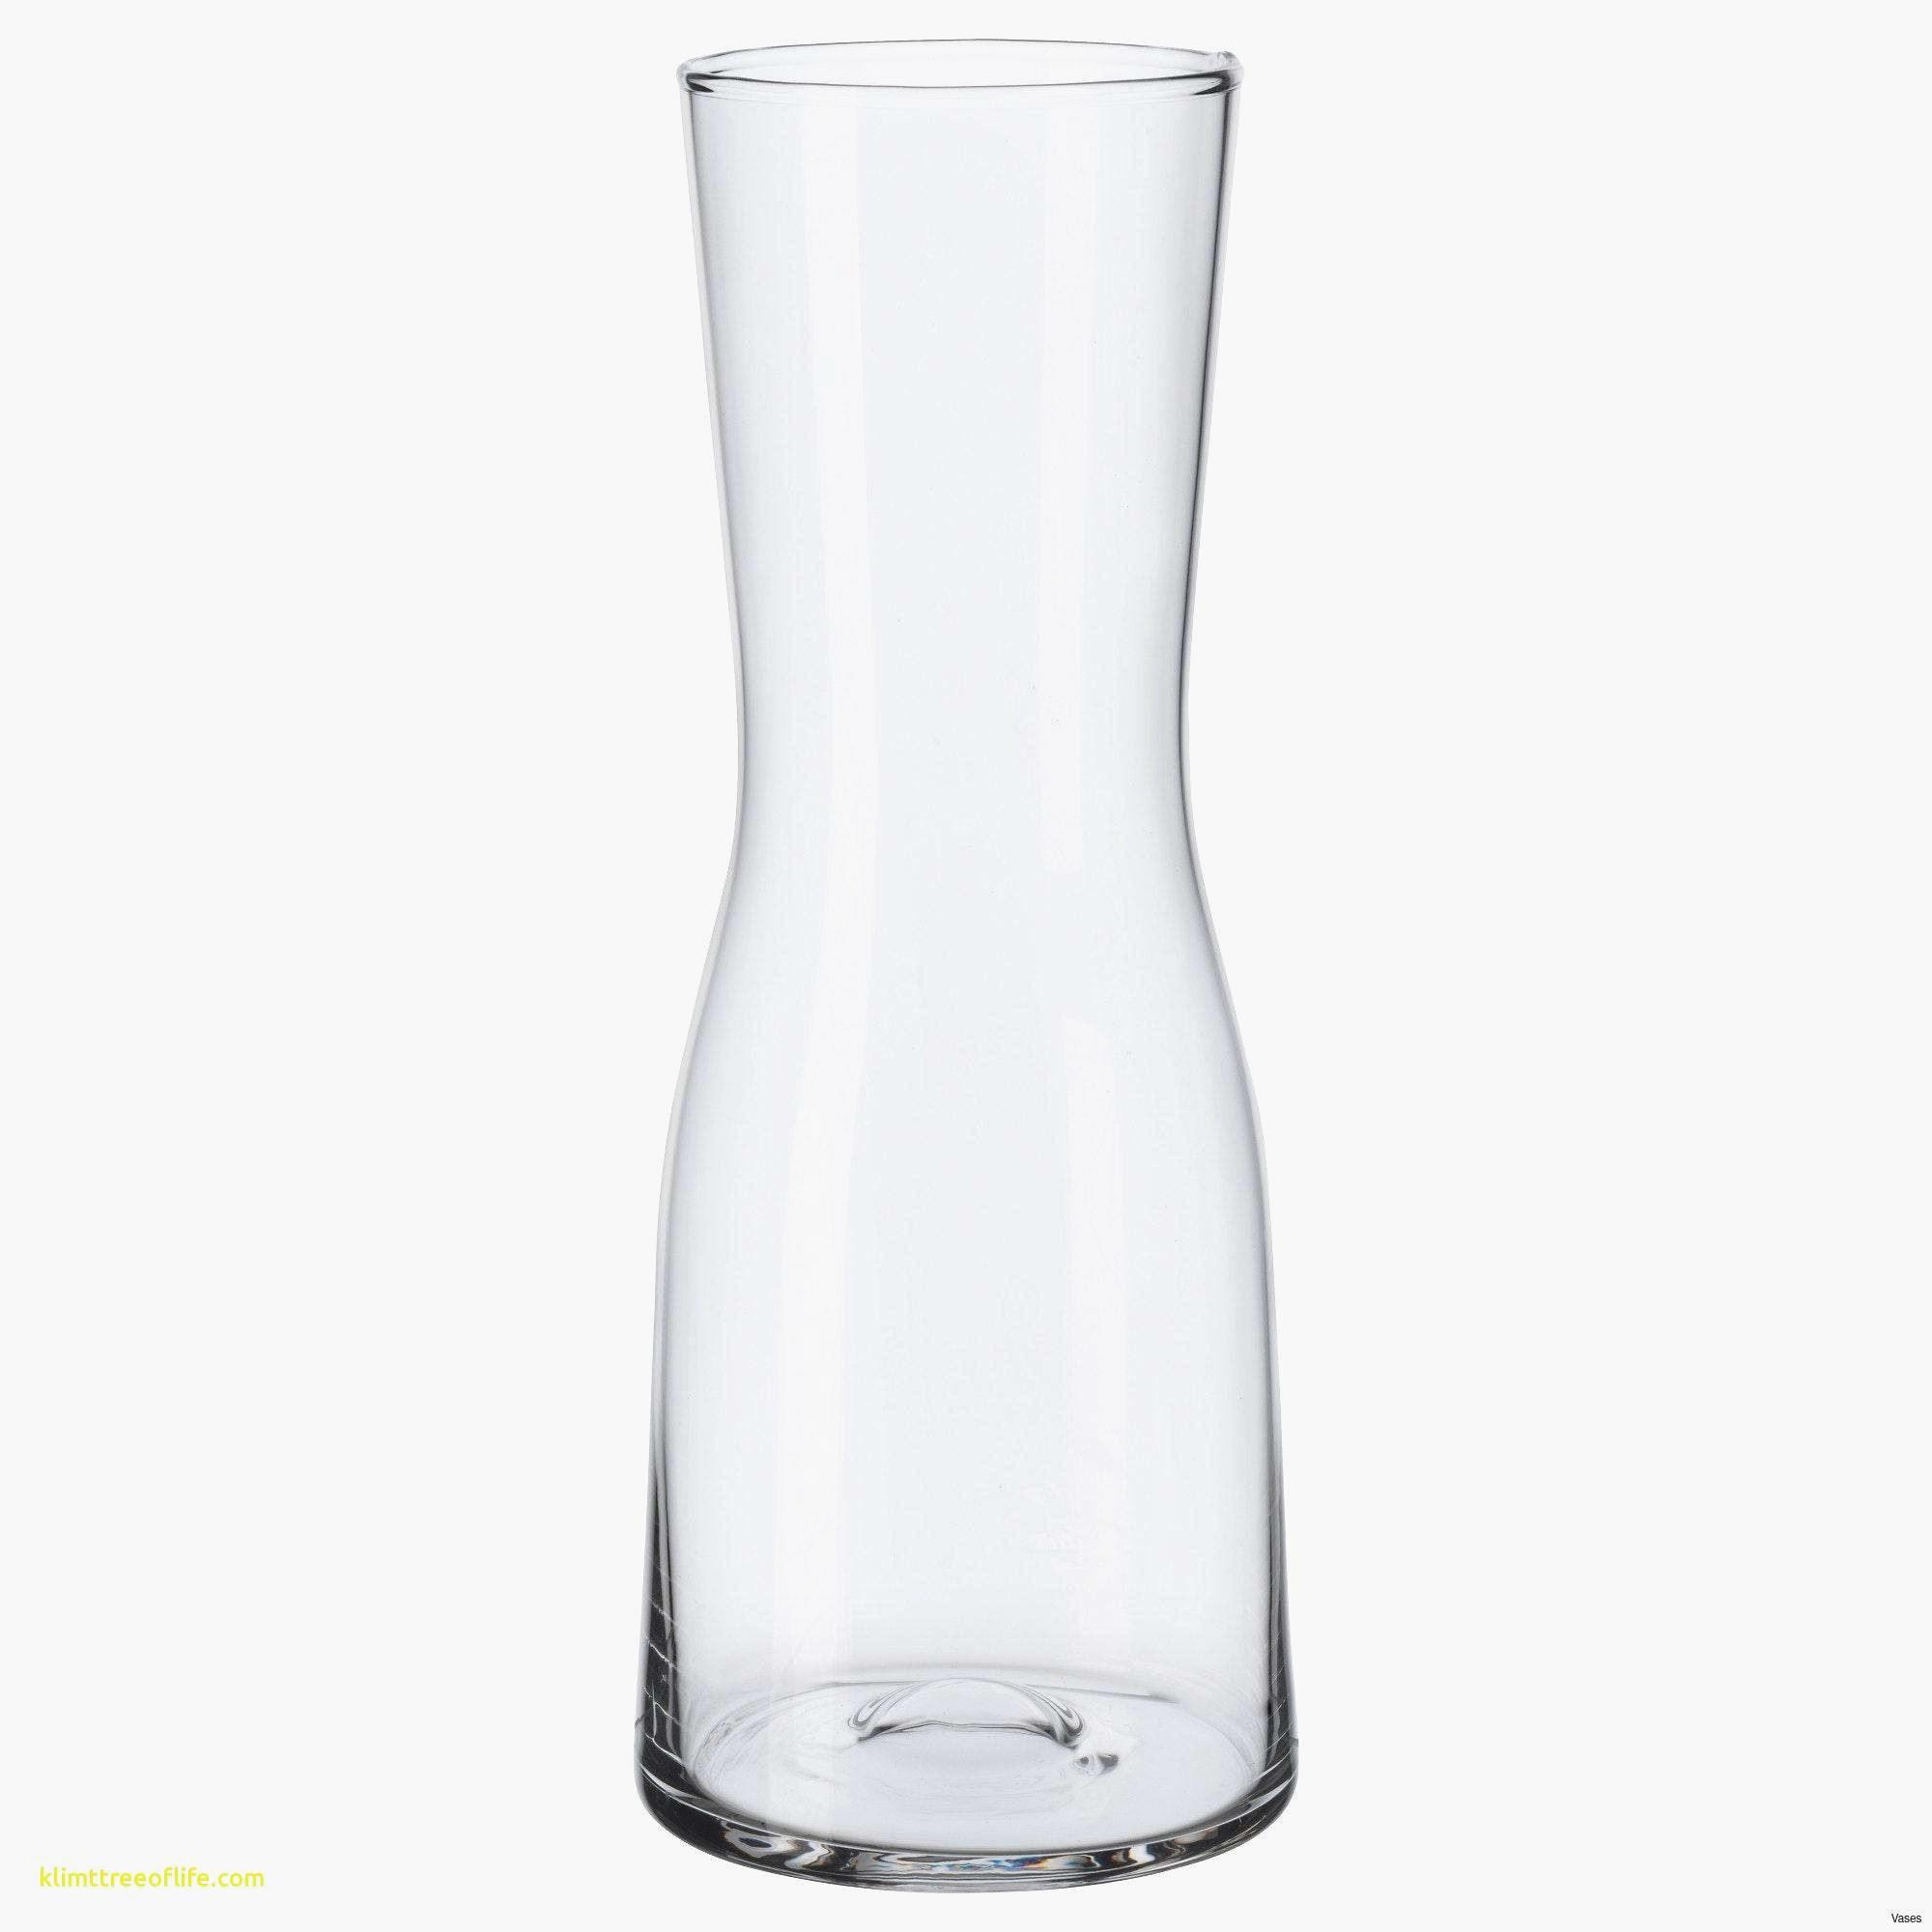 large clear vase of large black vase collection living room glass vases fresh clear vase in large black vase image 30 nordstrom rack number awesome new design ikea mantel great pe s5h